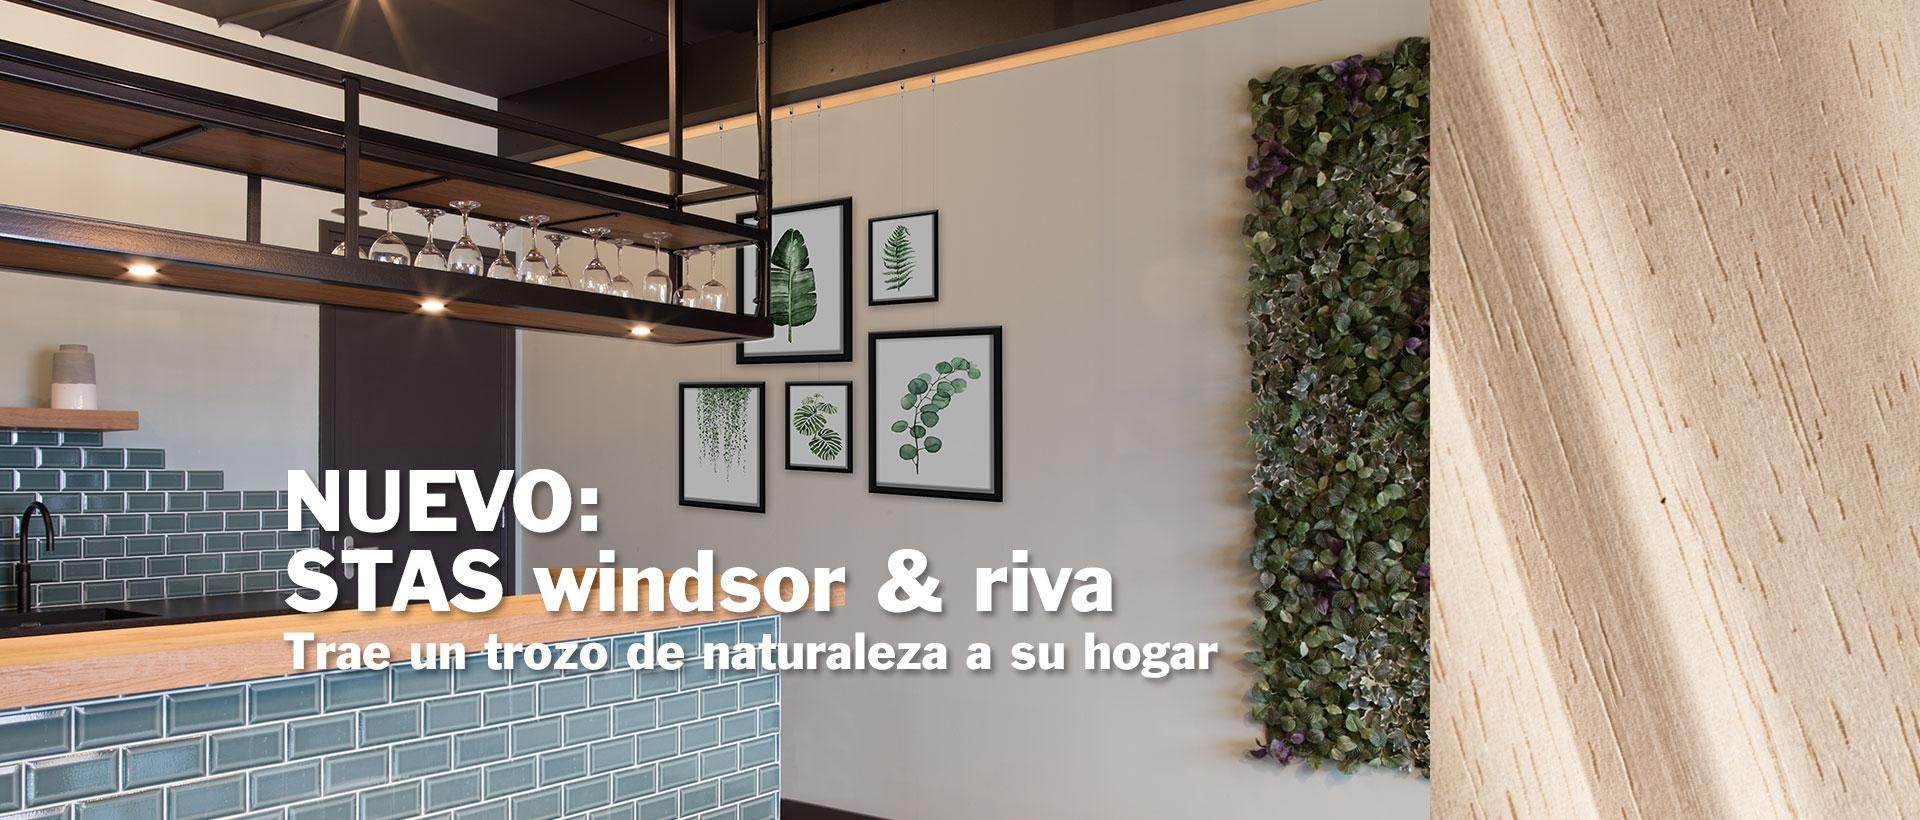 Guias Para Colgar Cuadros Ikea. No Youtube Player With Guias Para ...